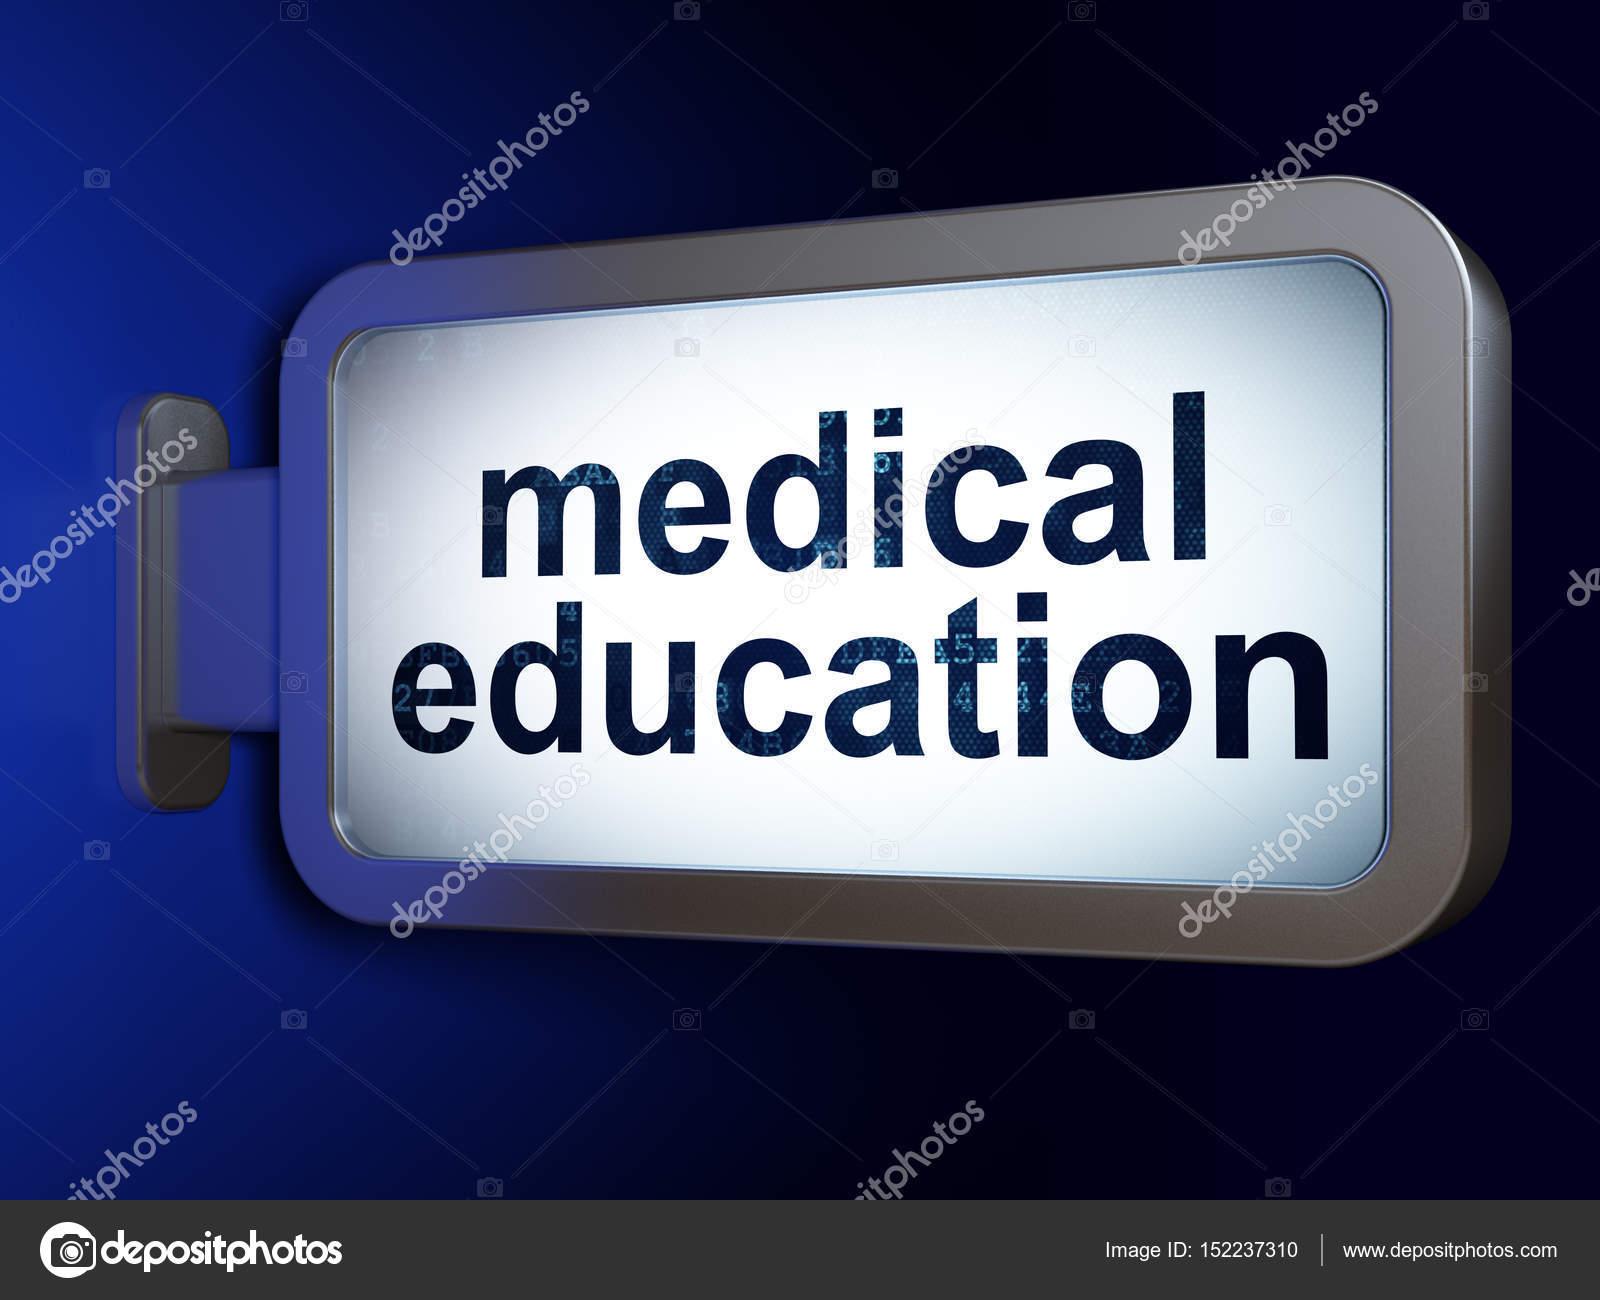 Η σημασία της εκπαίδευσης στην Ιατρική